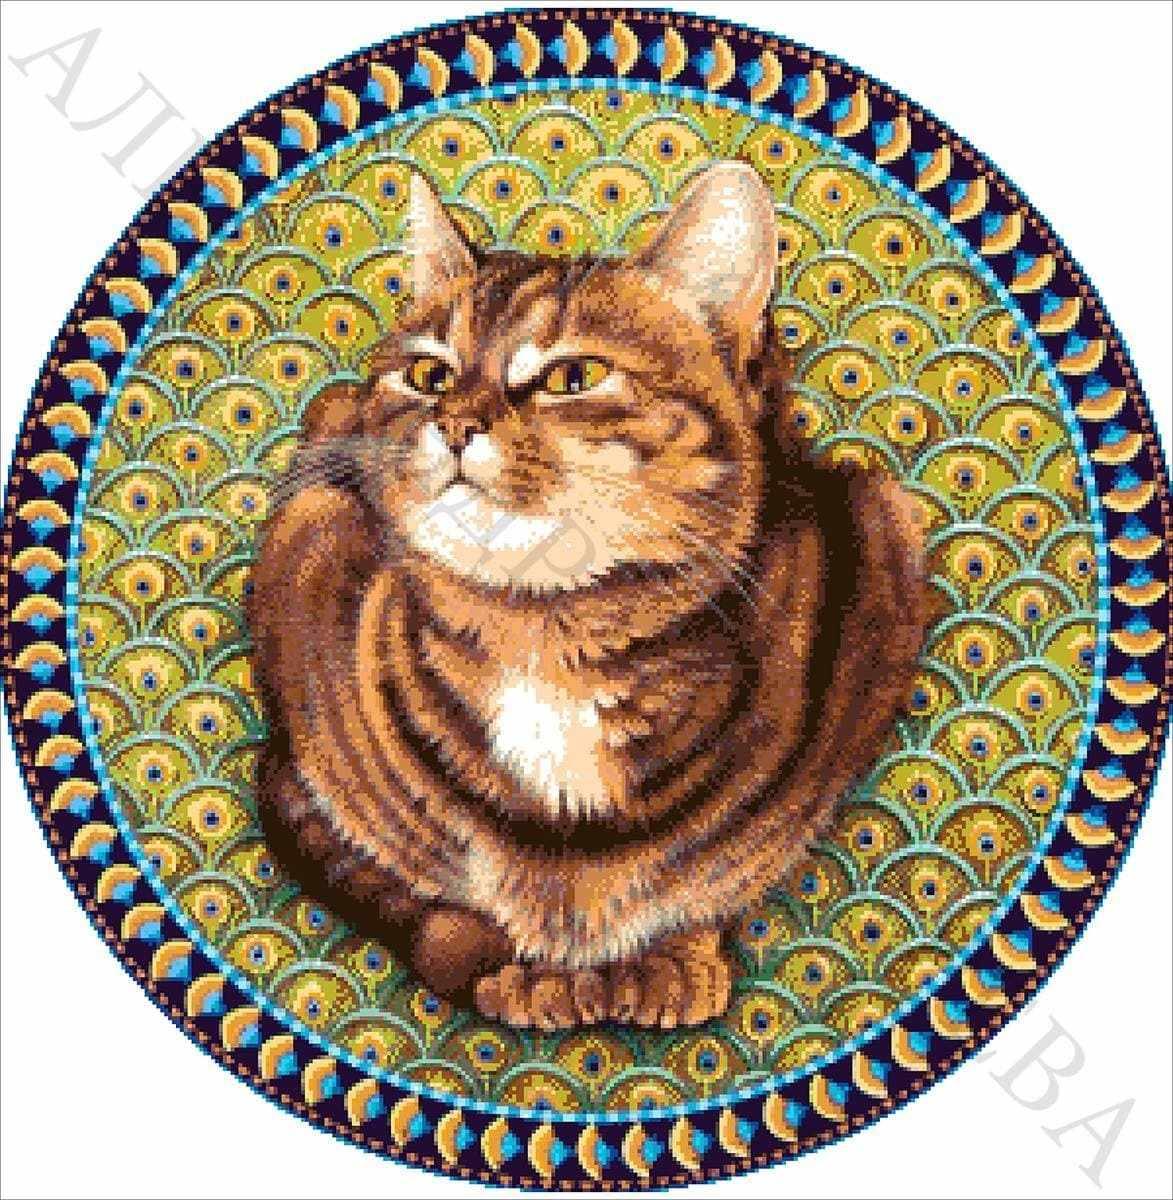 """41-3025-НТ """"Тарелка с кошкой"""" - набор для вышивания"""